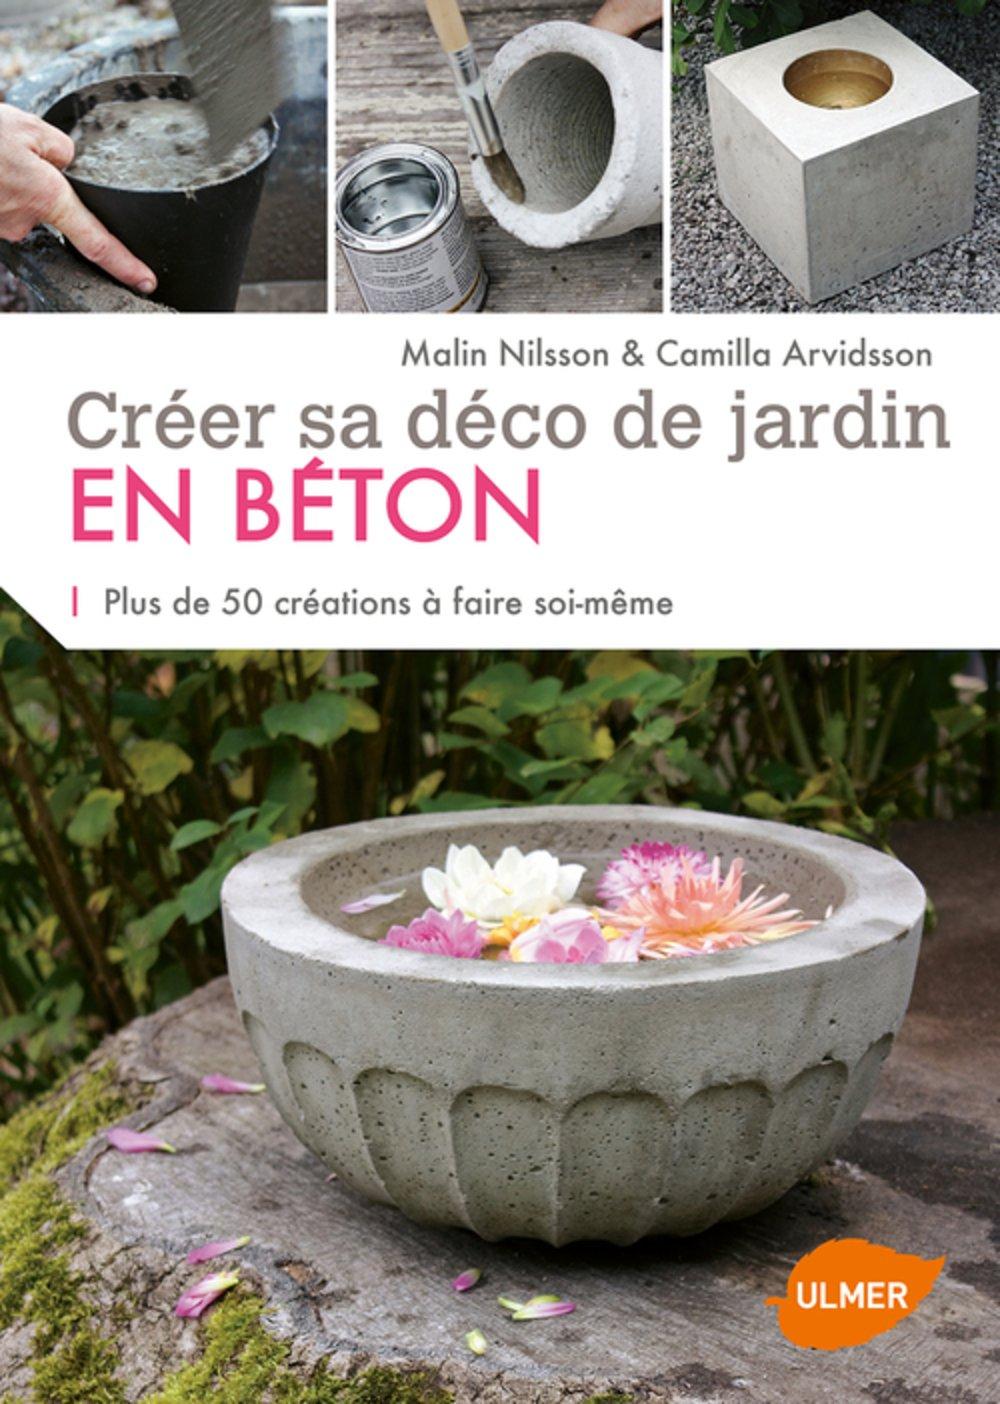 amazon.fr - créer sa déco de jardin en béton - malin nilsson ... - Decoration Jardin A Faire Soi Meme